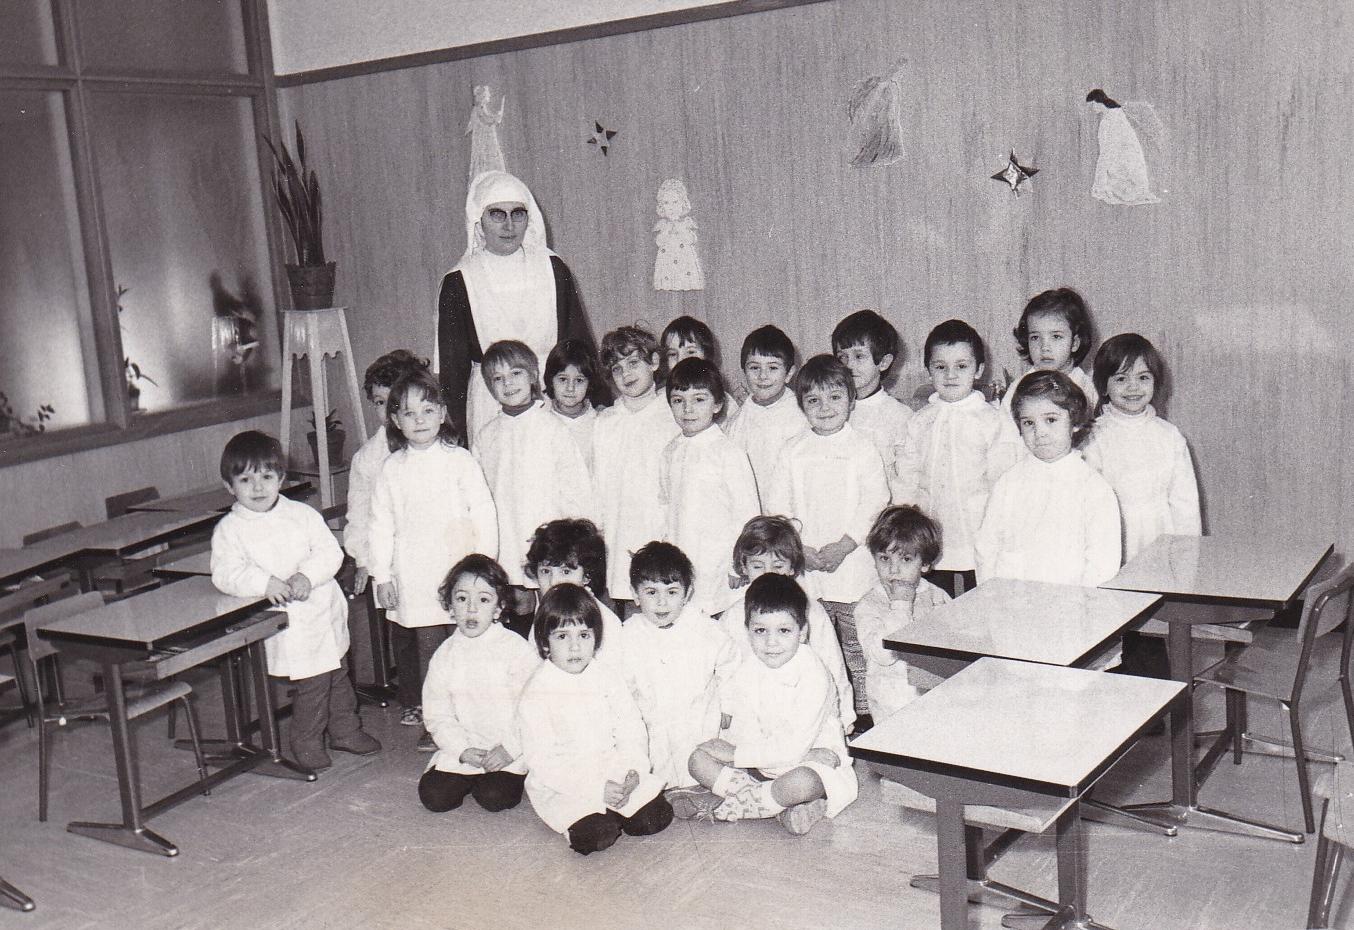 Sr. Edda insegnante di scuola materna